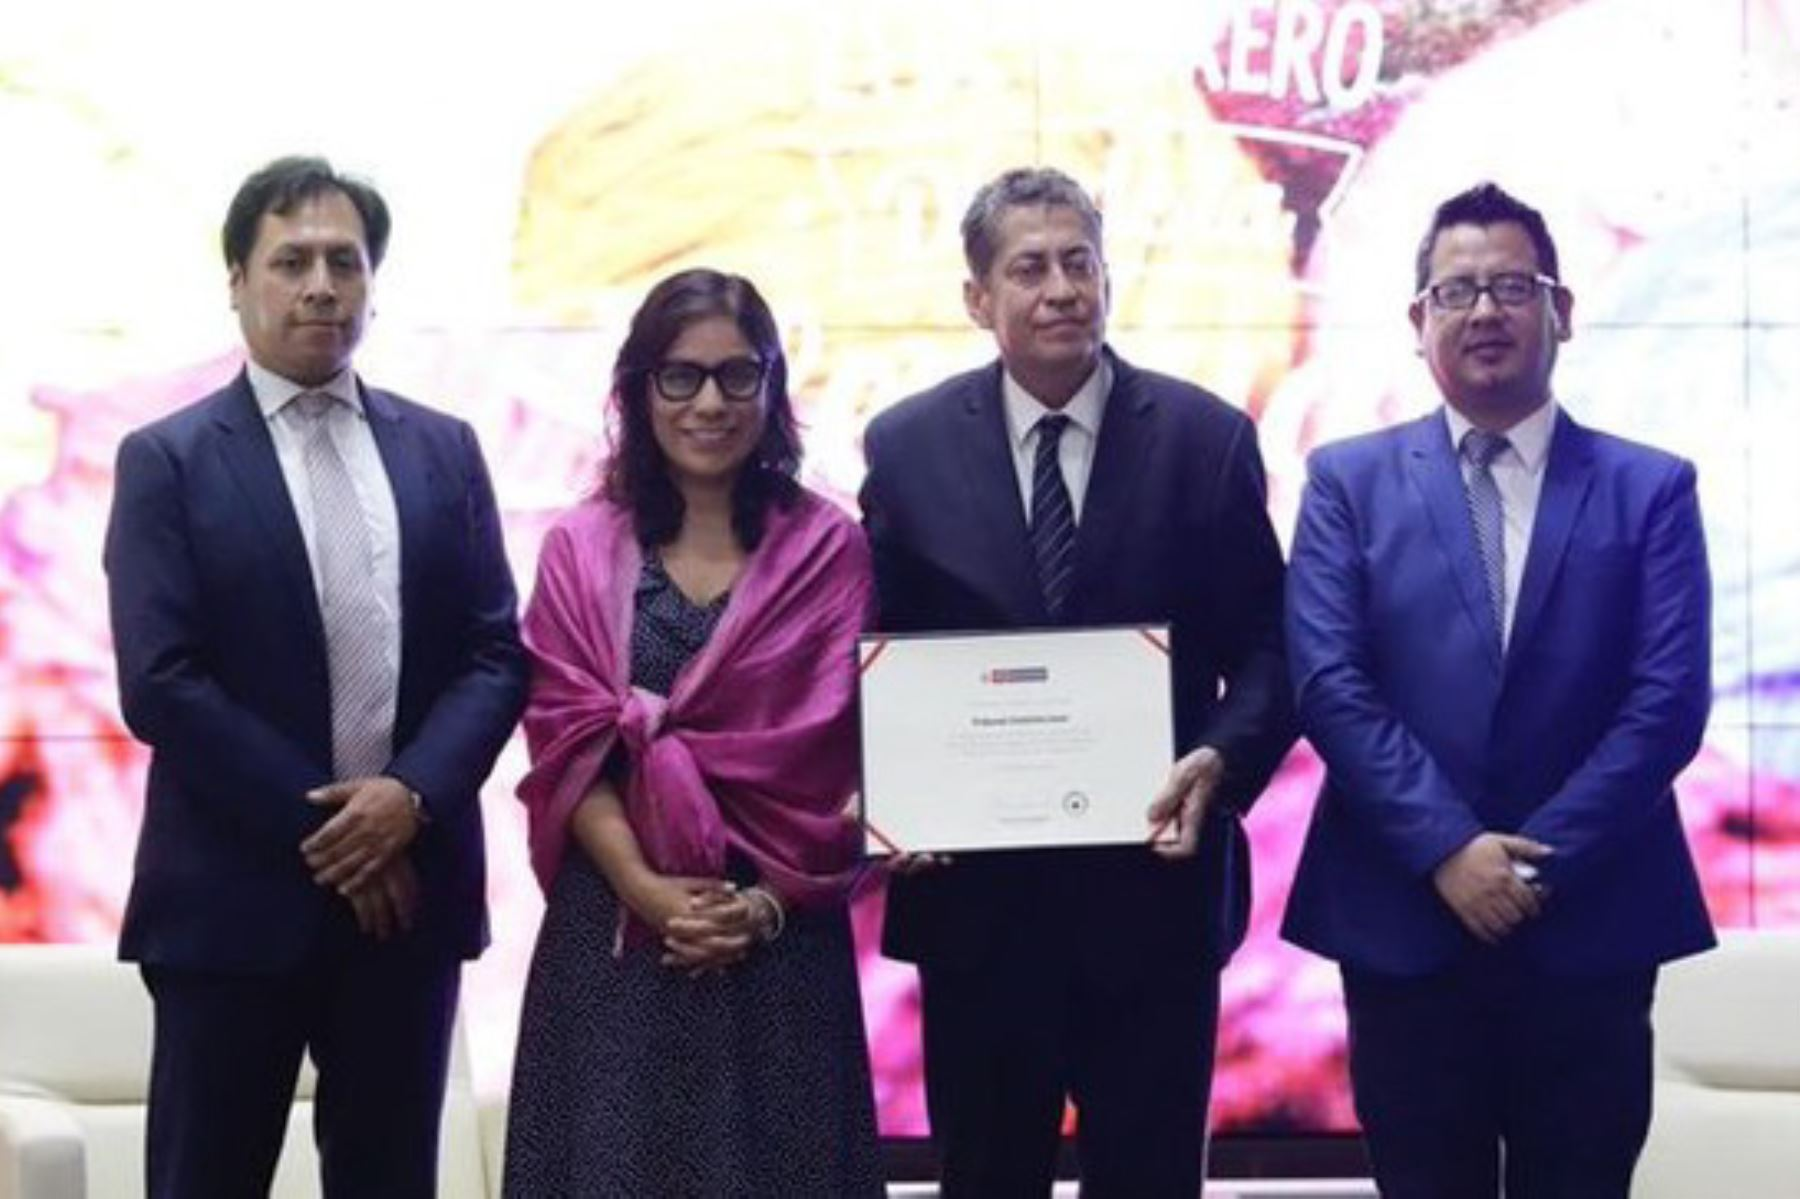 La viceministra de Interculturalidad, Angela Acevedo, encabezó ceremonia de reconocimiento en la sede central del Ministerio de Cultura.